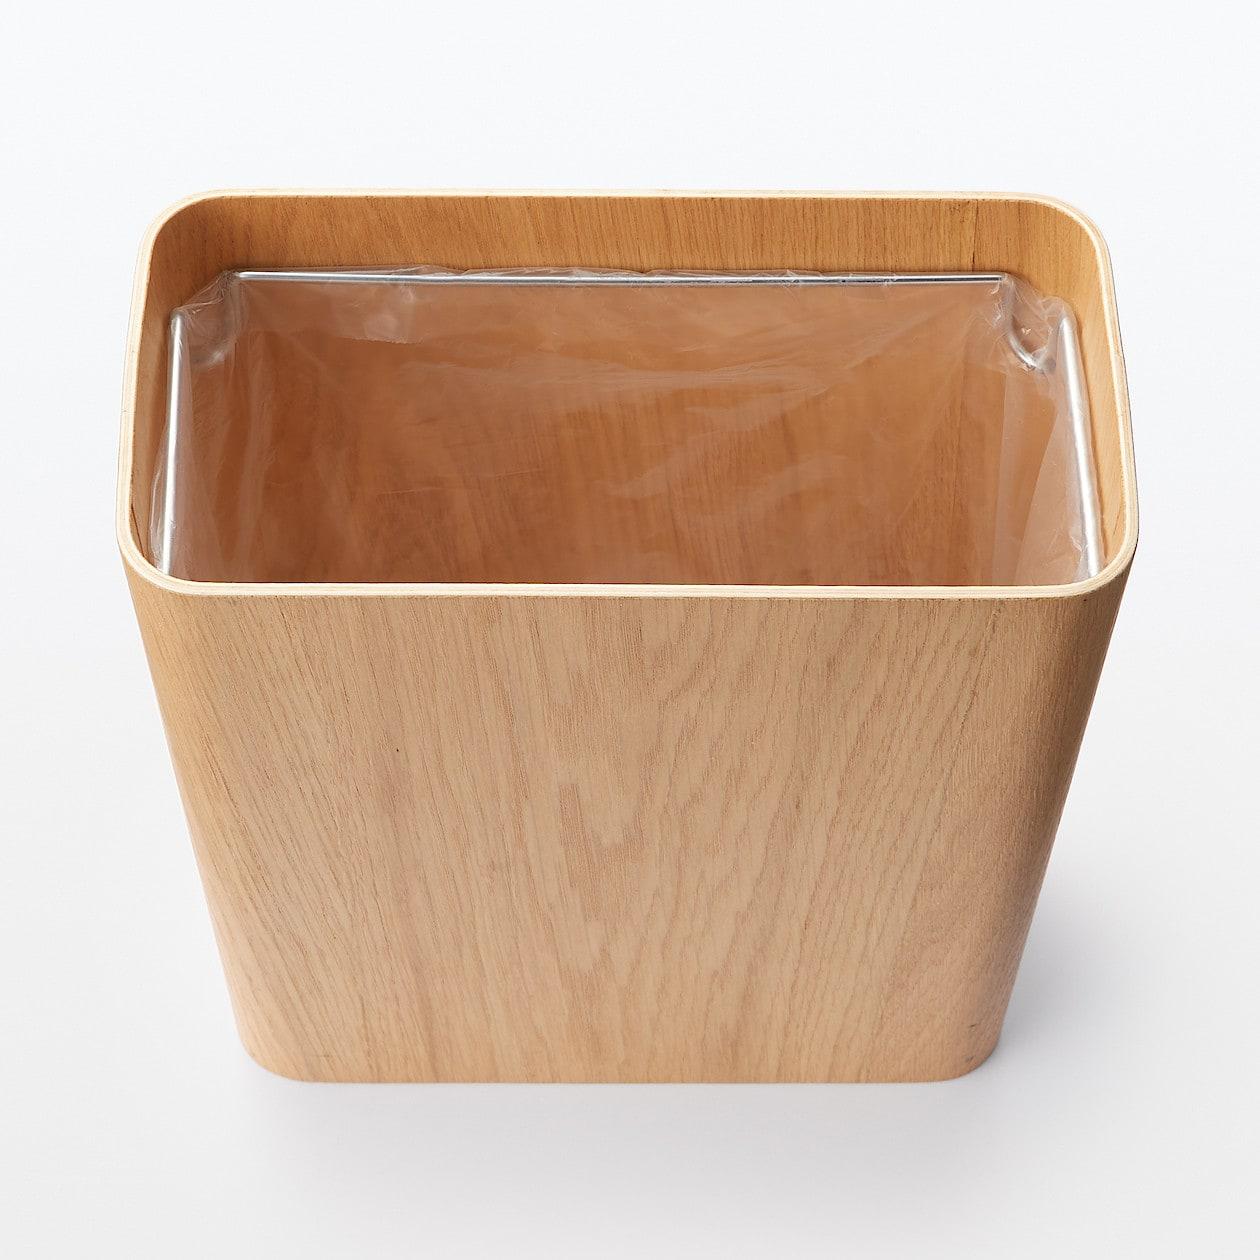 木製ごみ箱・袋止めワイヤー付 オーク材突板・角型